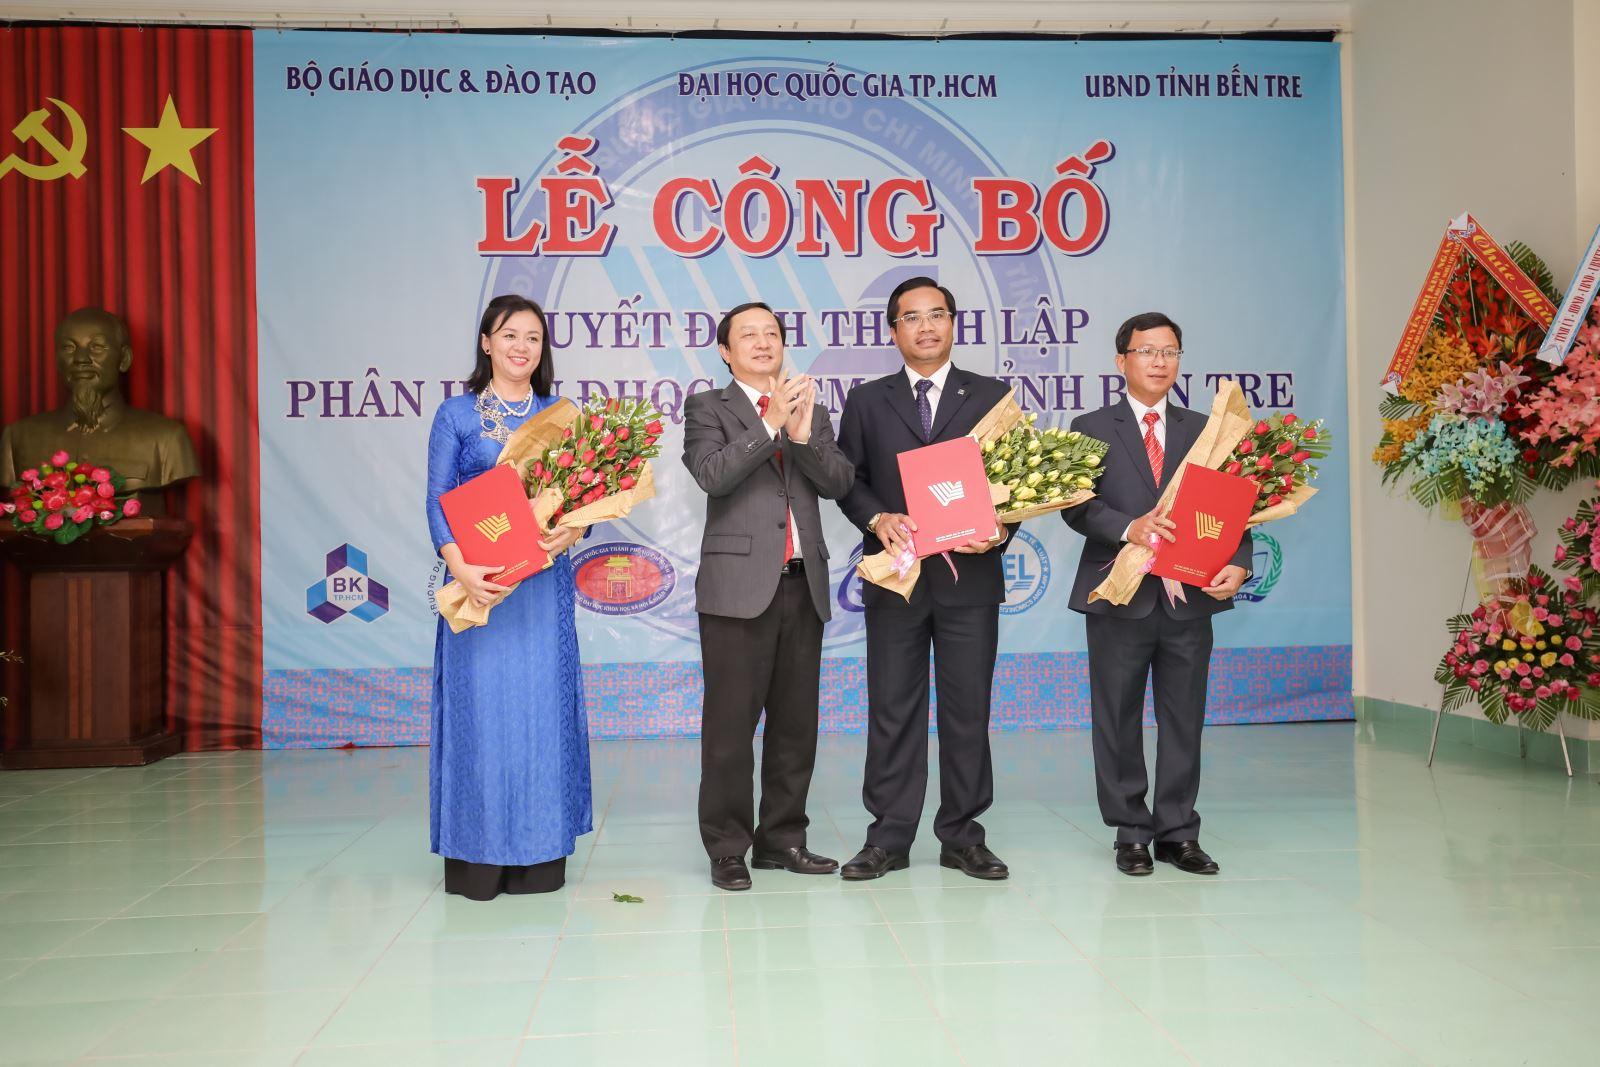 PGS. TS. Vũ Phan Tú giữ chức vụ Giám đốc Phân hiệu Đại học Quốc gia Thành phố Hồ Chí Minh tại tỉnh Bến Tre